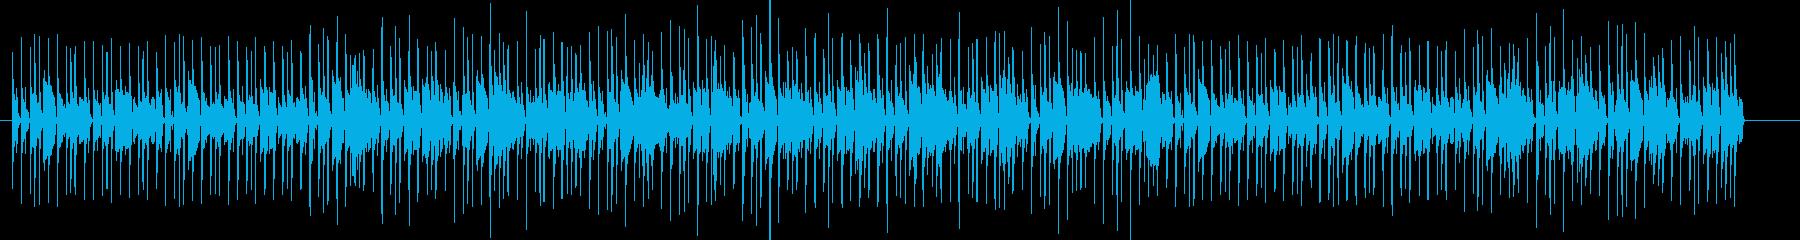 響きが強くテンポの速いメロディーの再生済みの波形